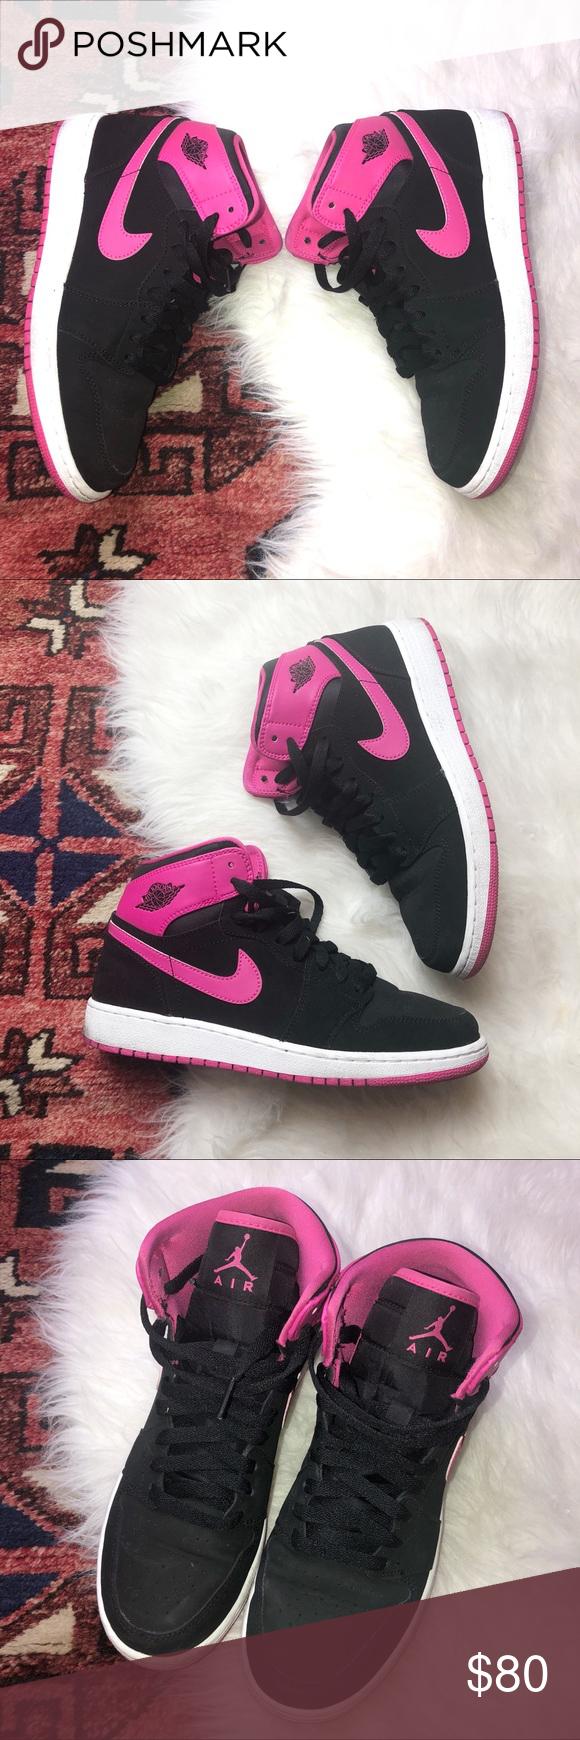 Air Jordan's 1 retro high top Nike sneakers 6.5 Air Jordan